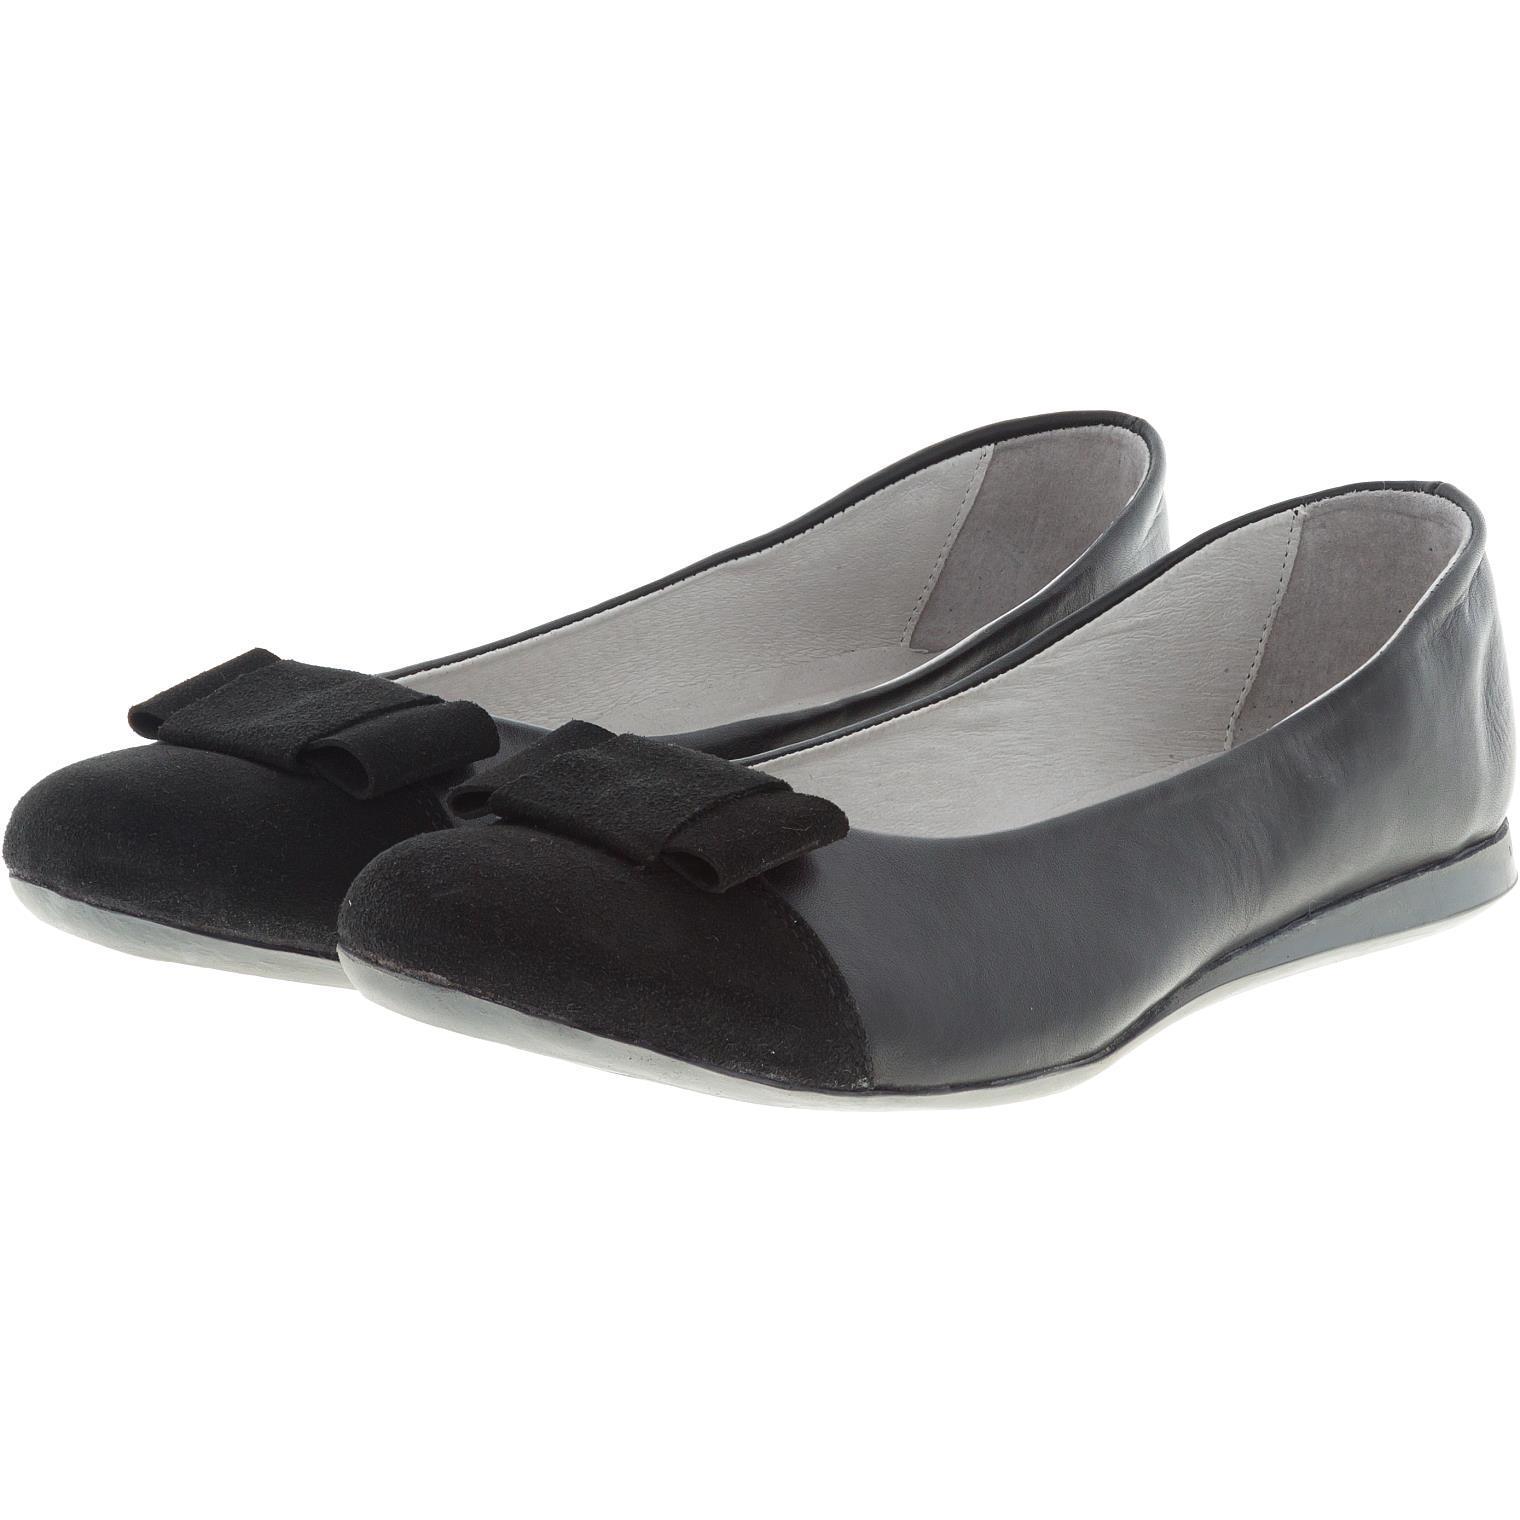 527282 туфли женские больших размеров марки Делфино